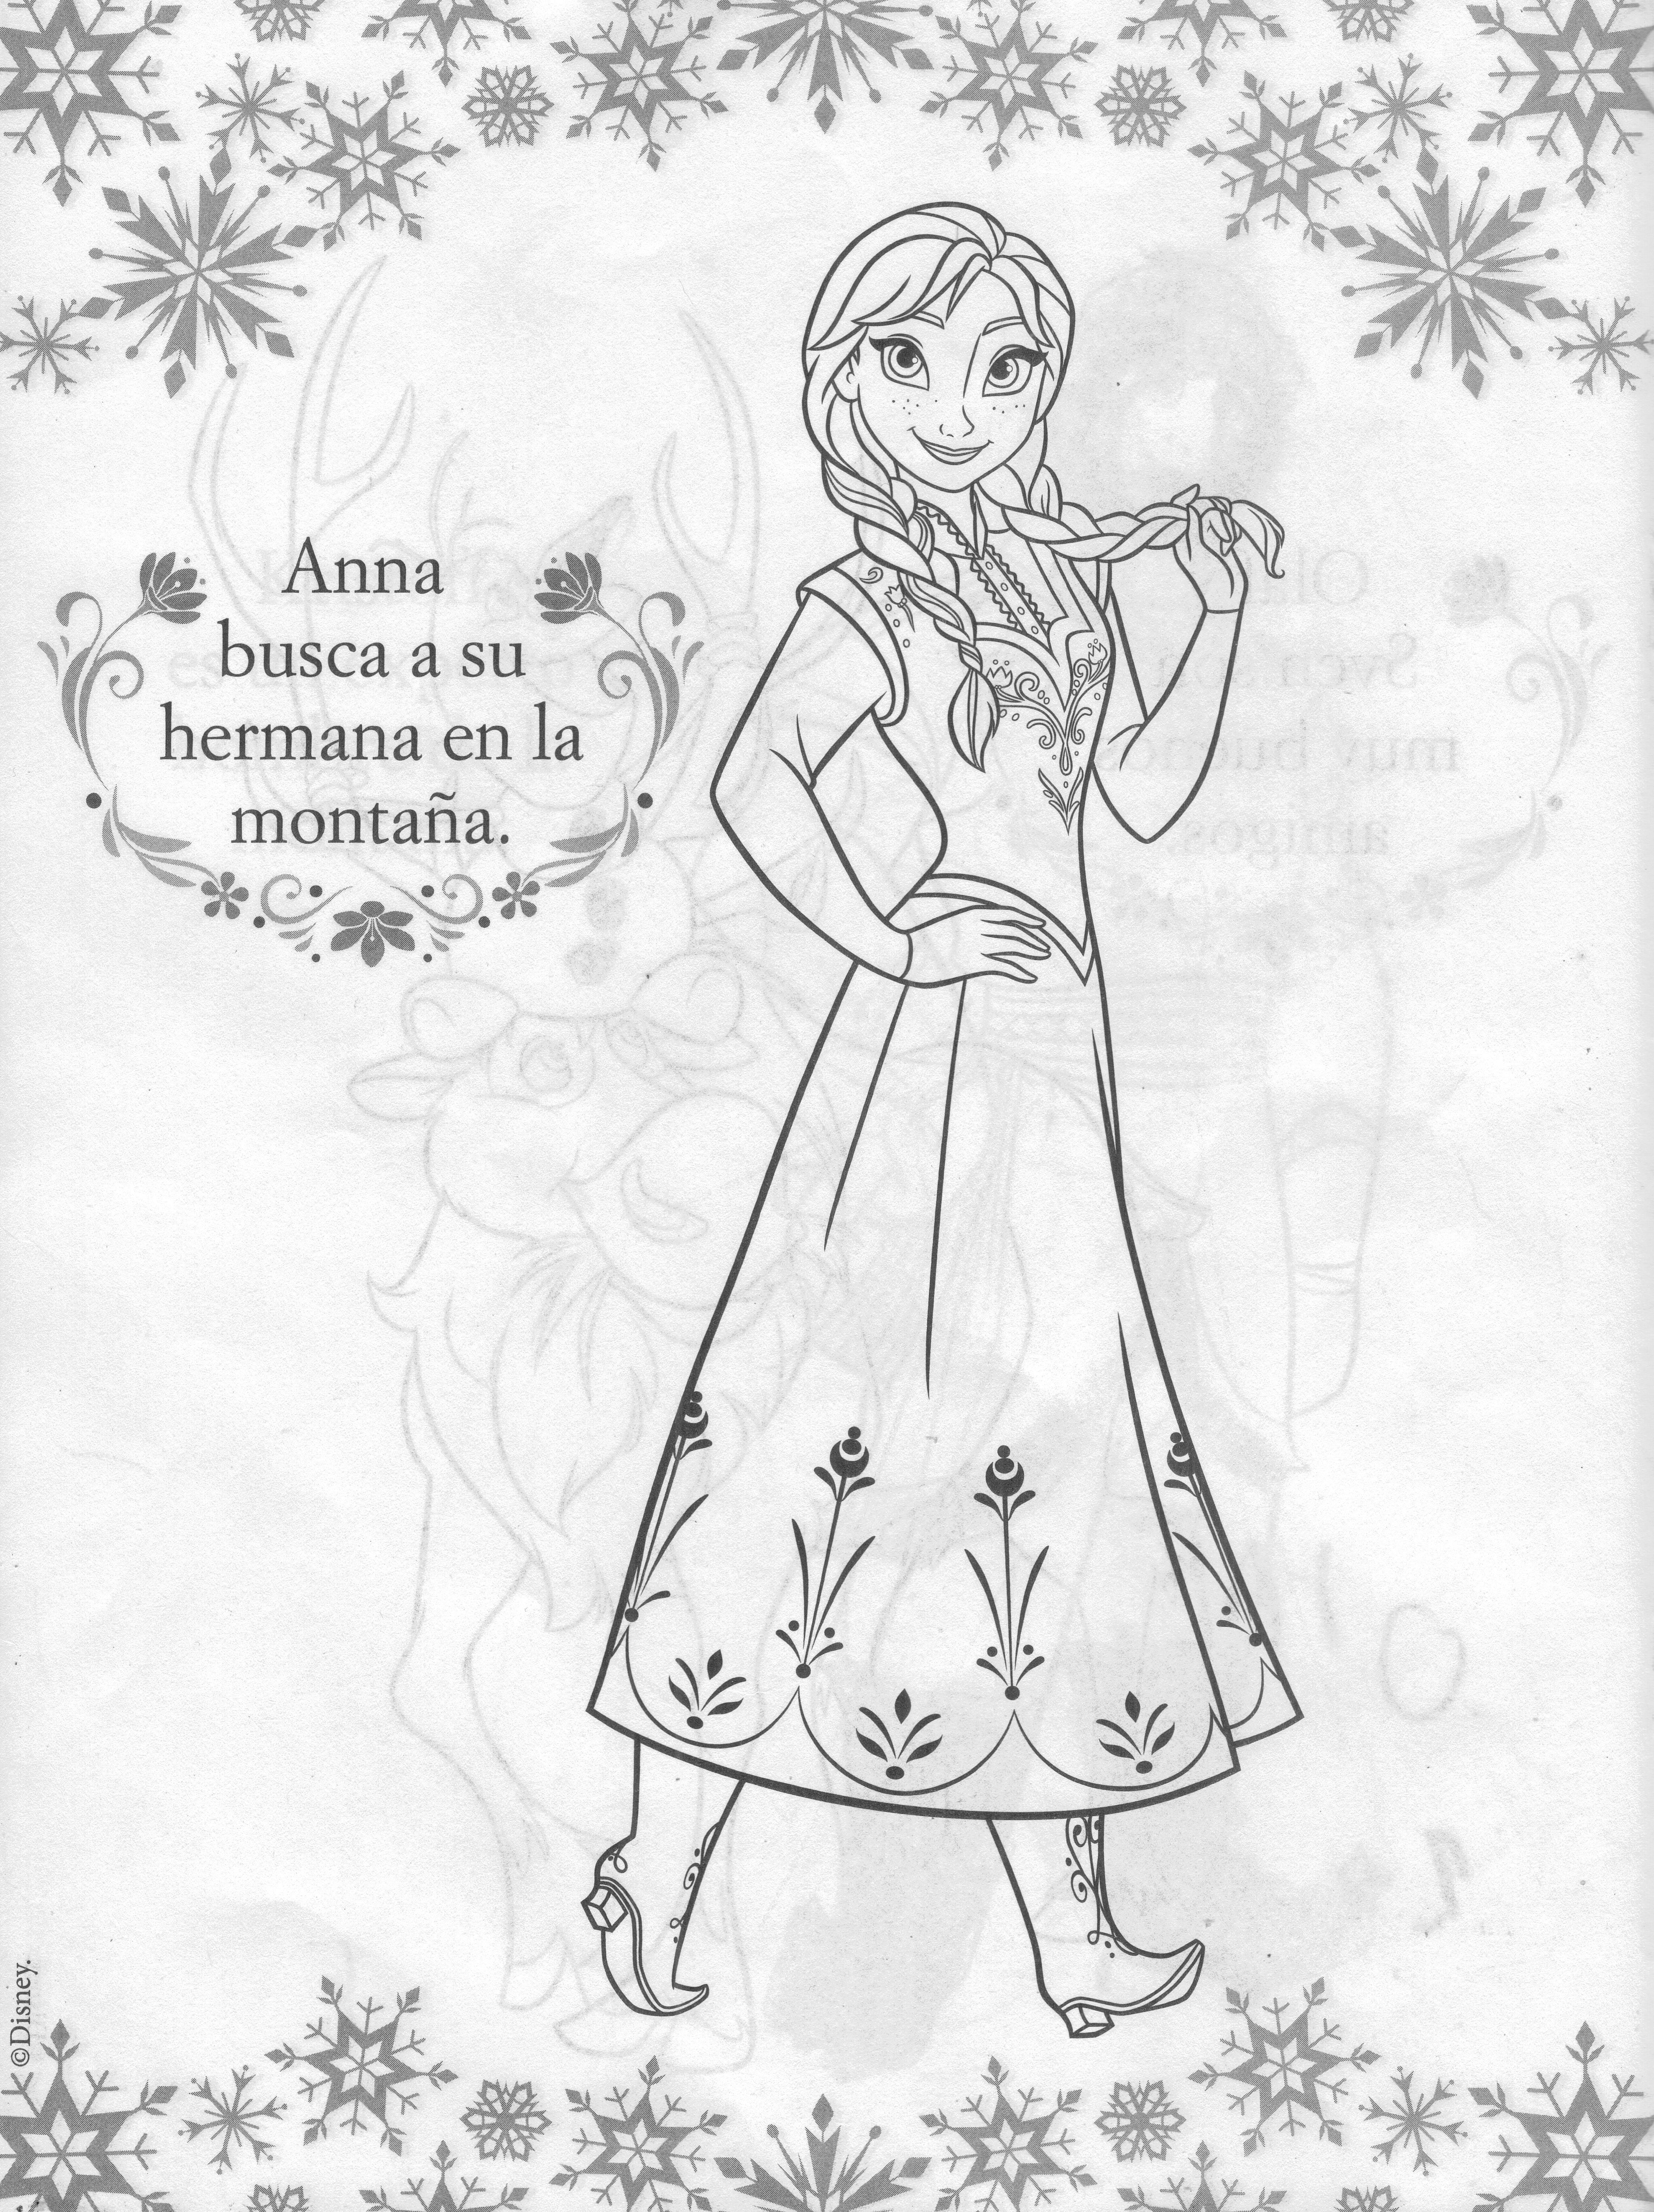 Ana de frozen un dibujo para colorear a disney frozen princess